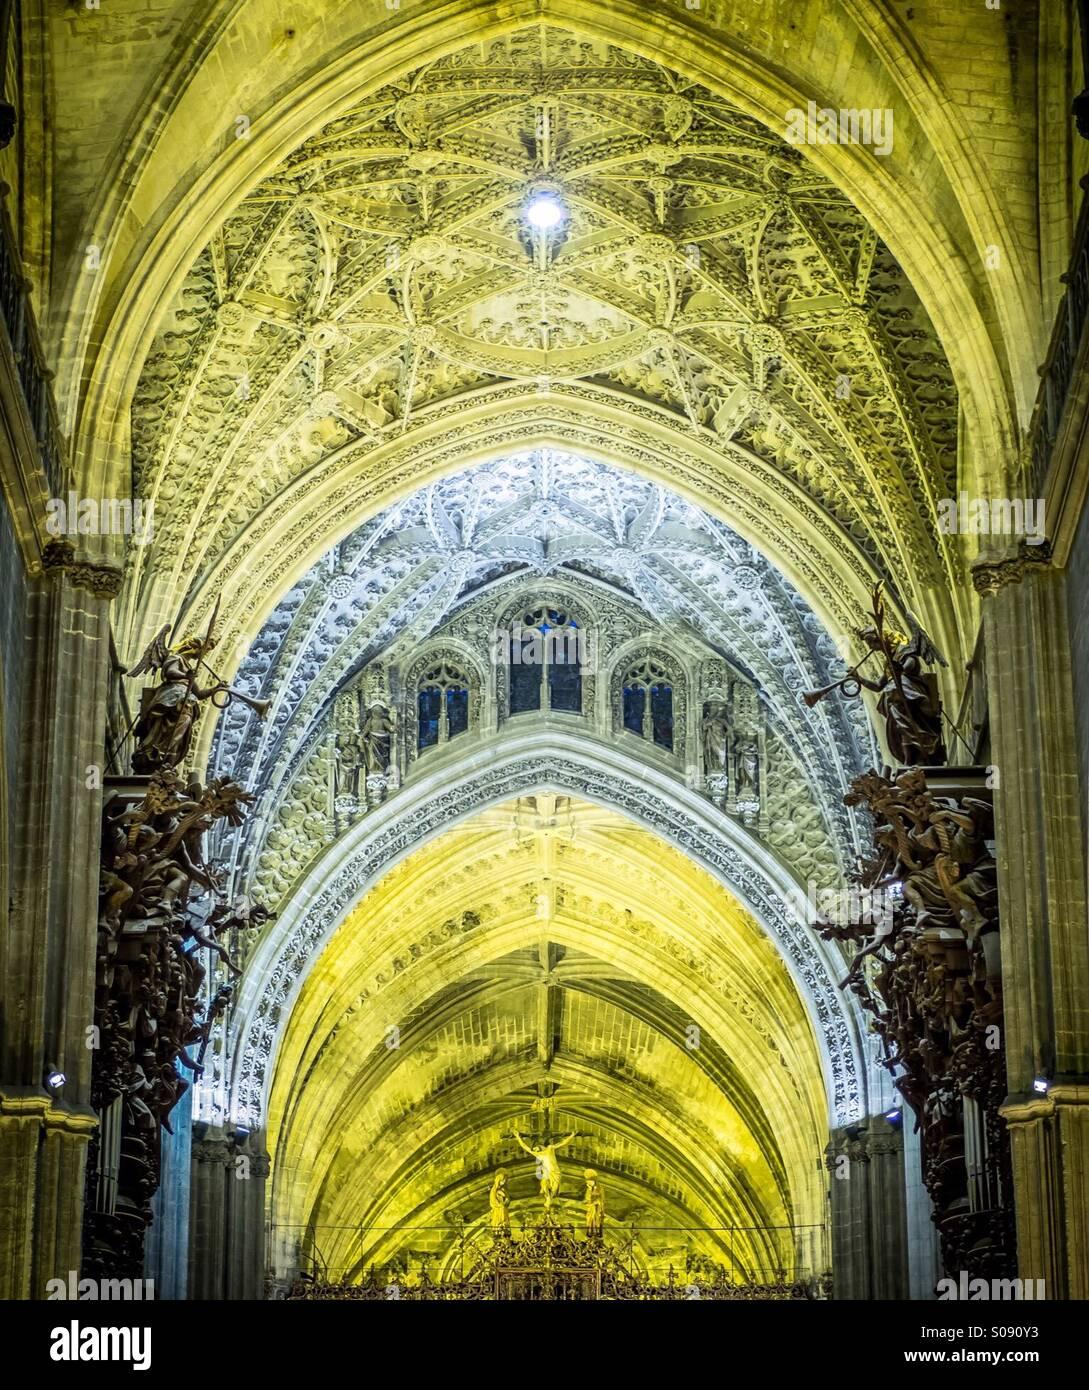 Catedral sevilla stock photos catedral sevilla stock - Catedral de sevilla interior ...